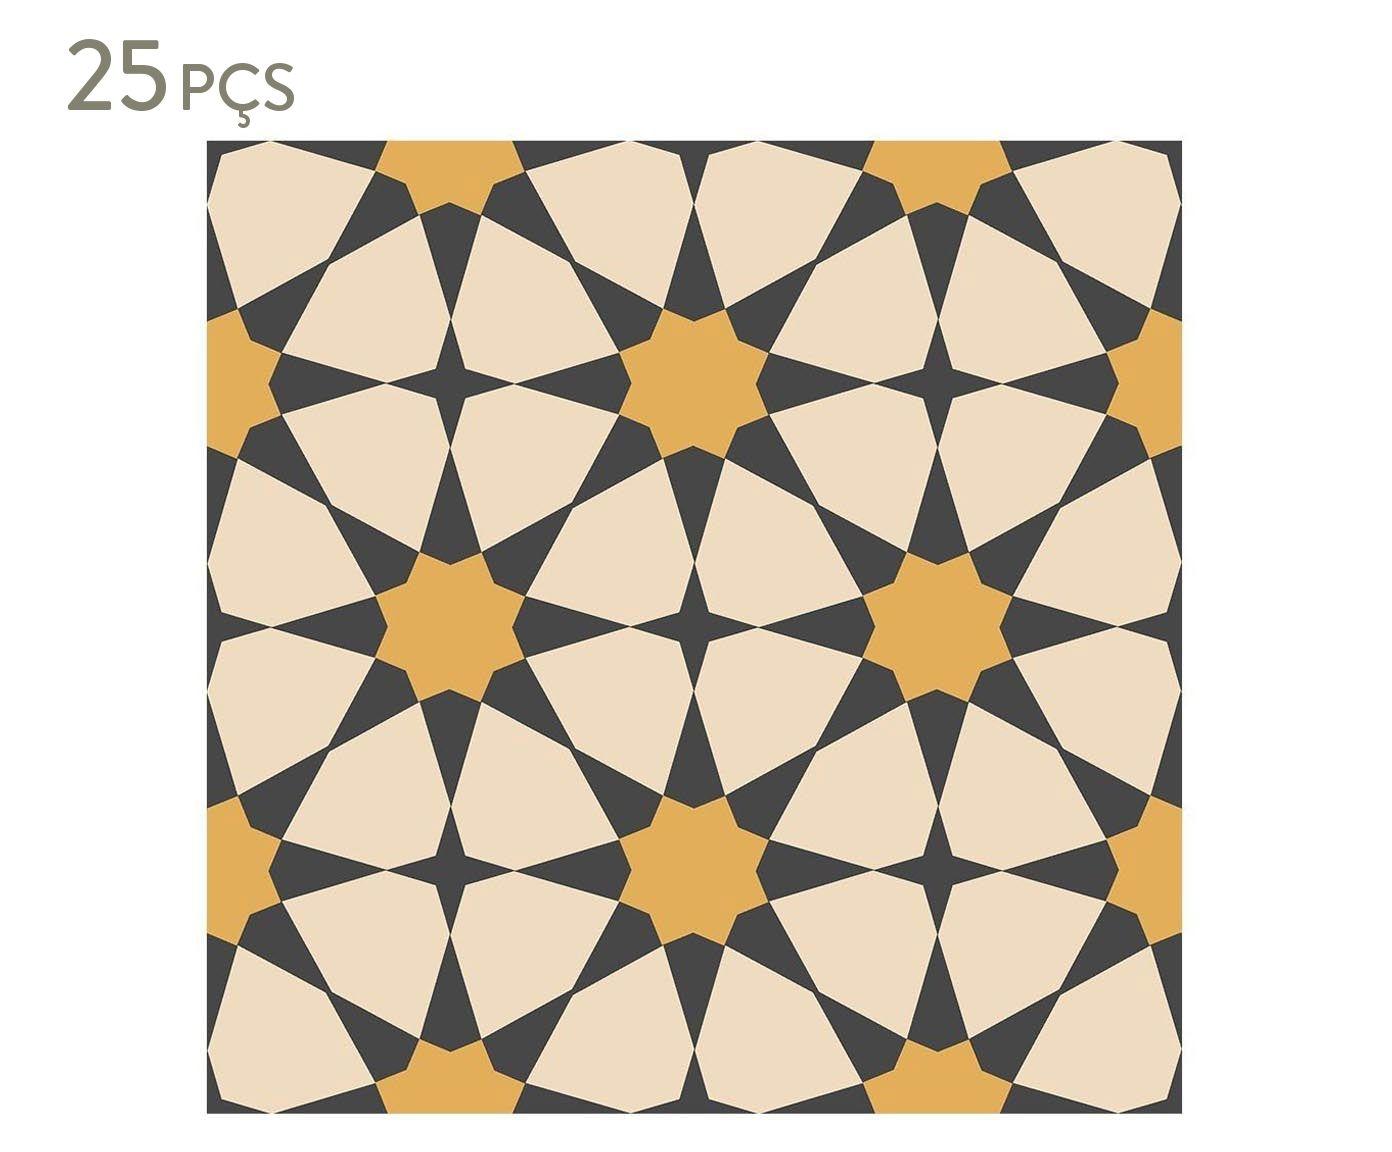 Conjunto de ladrilhos adesivos loren - 15x15cm | Westwing.com.br